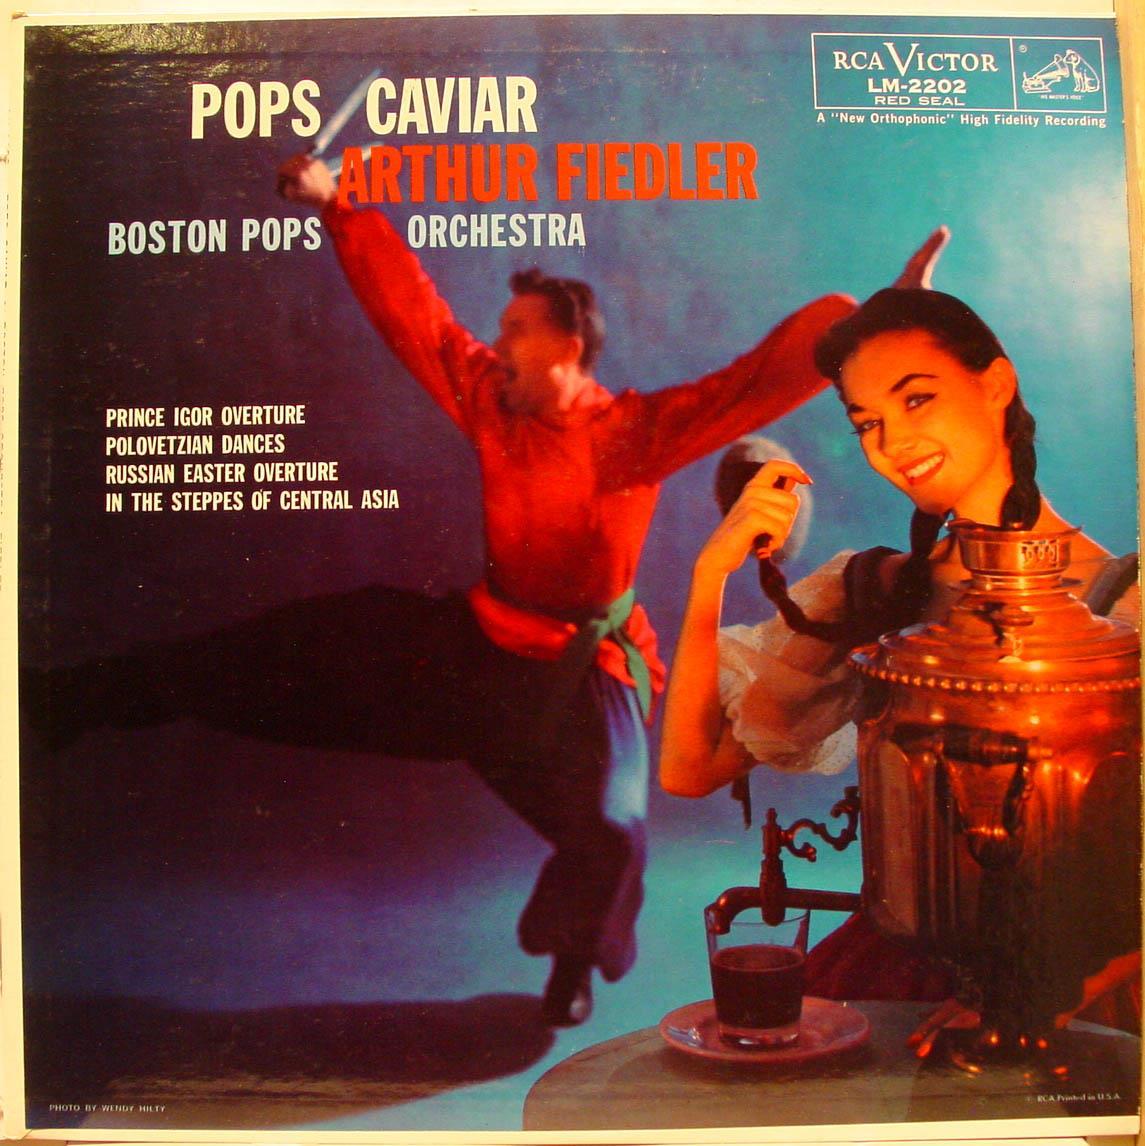 Arthur Fiedler - Fiedler Pops Caviar Lp Vg+ Lm-2202 Mono Usa Rca Plum Sd 1958 Borodin 2nd Cover (pops Caviar)